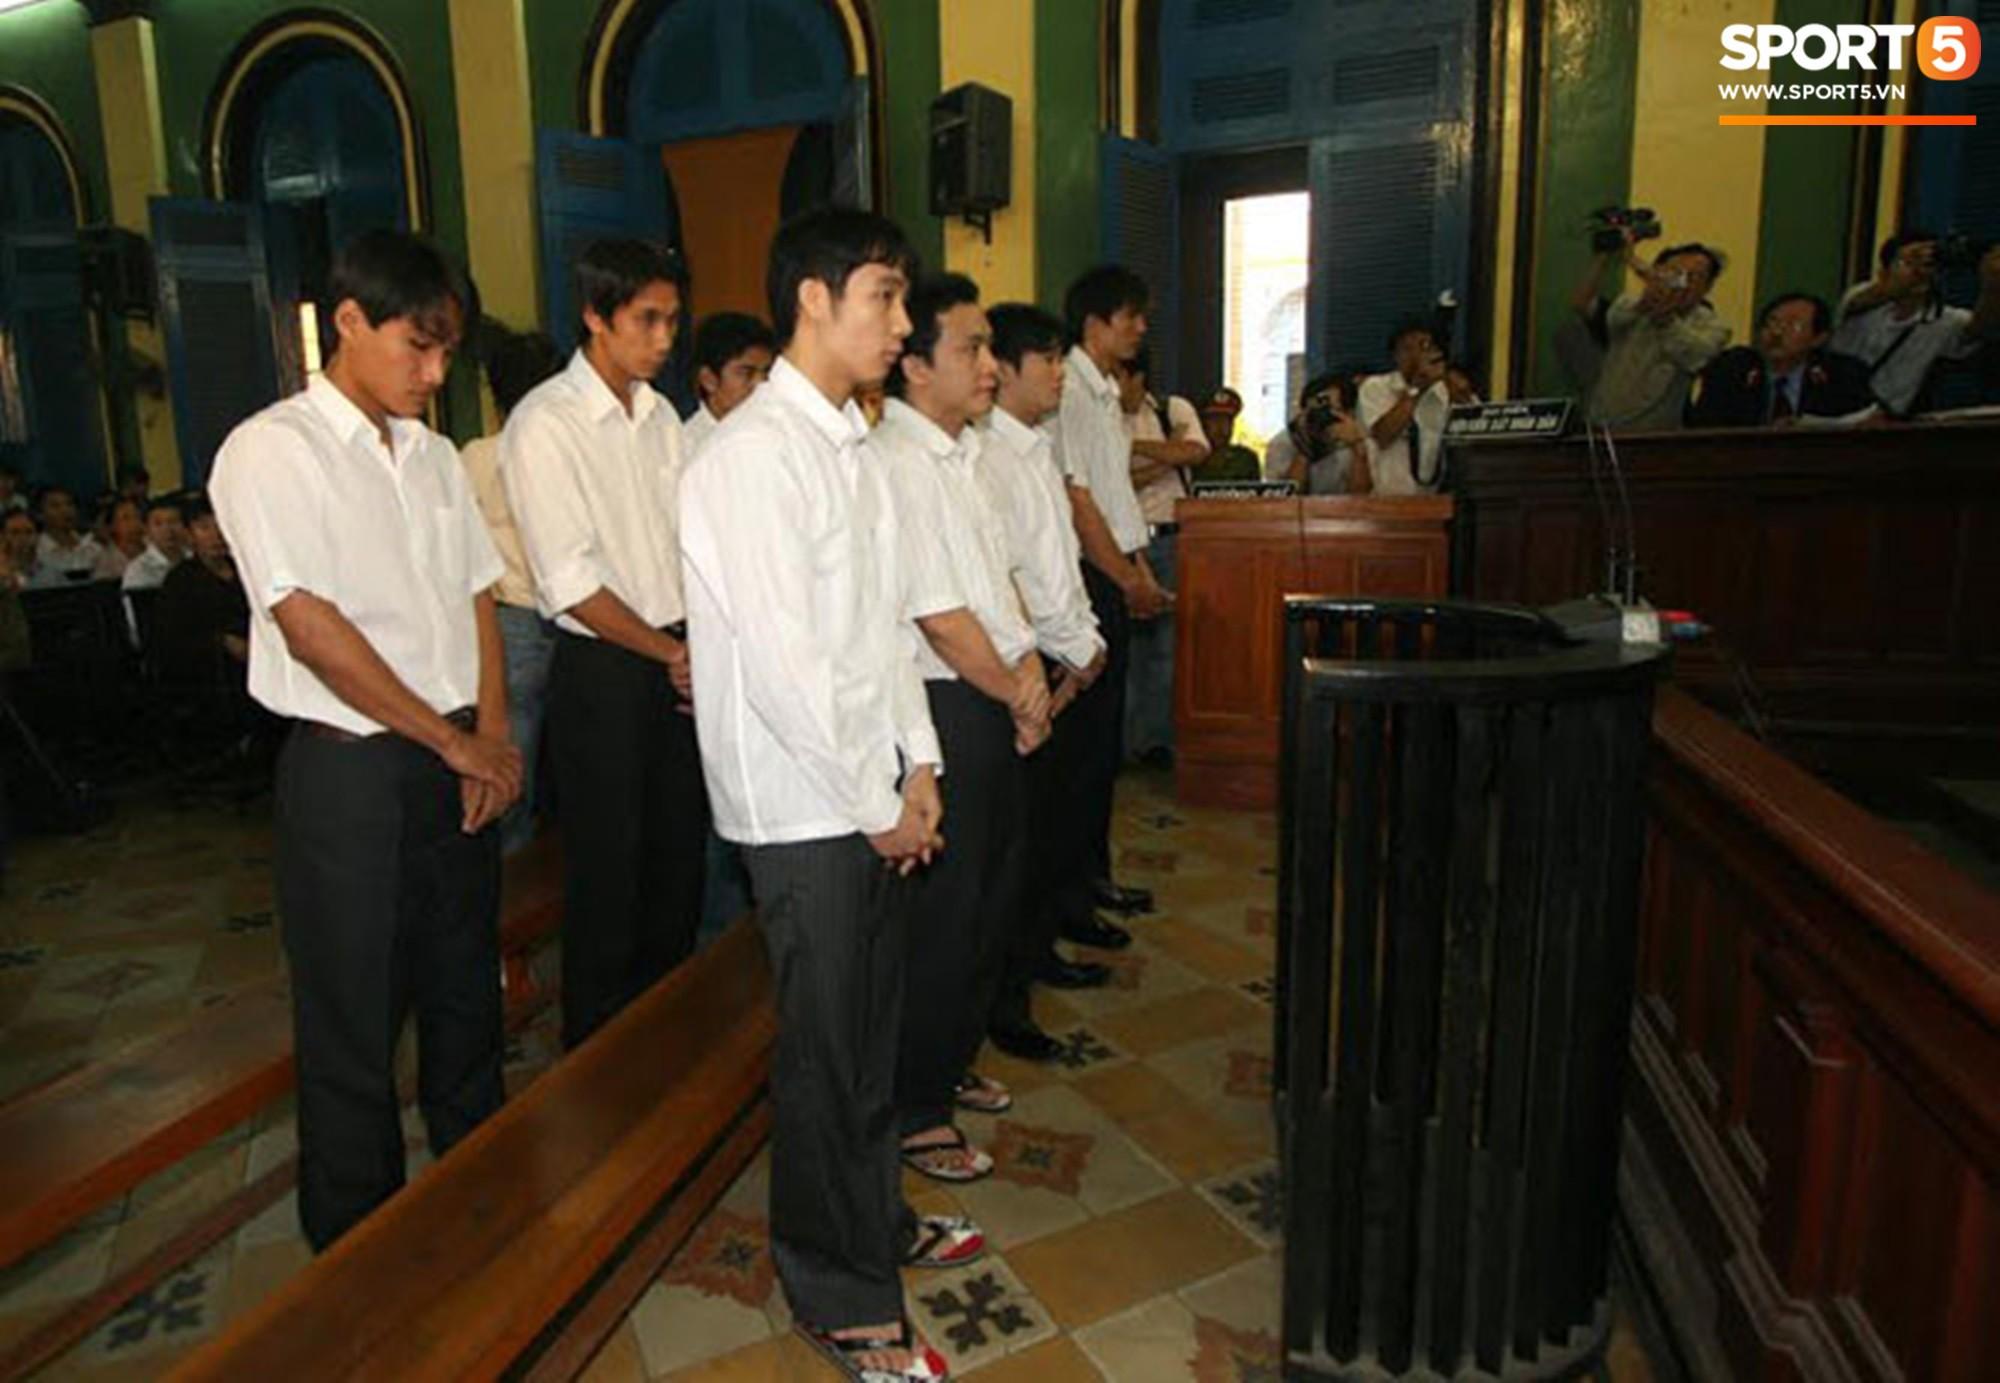 Tuyển Việt Nam quyết thắng để xoá nhoà ký ức buồn tại Bacolod-7